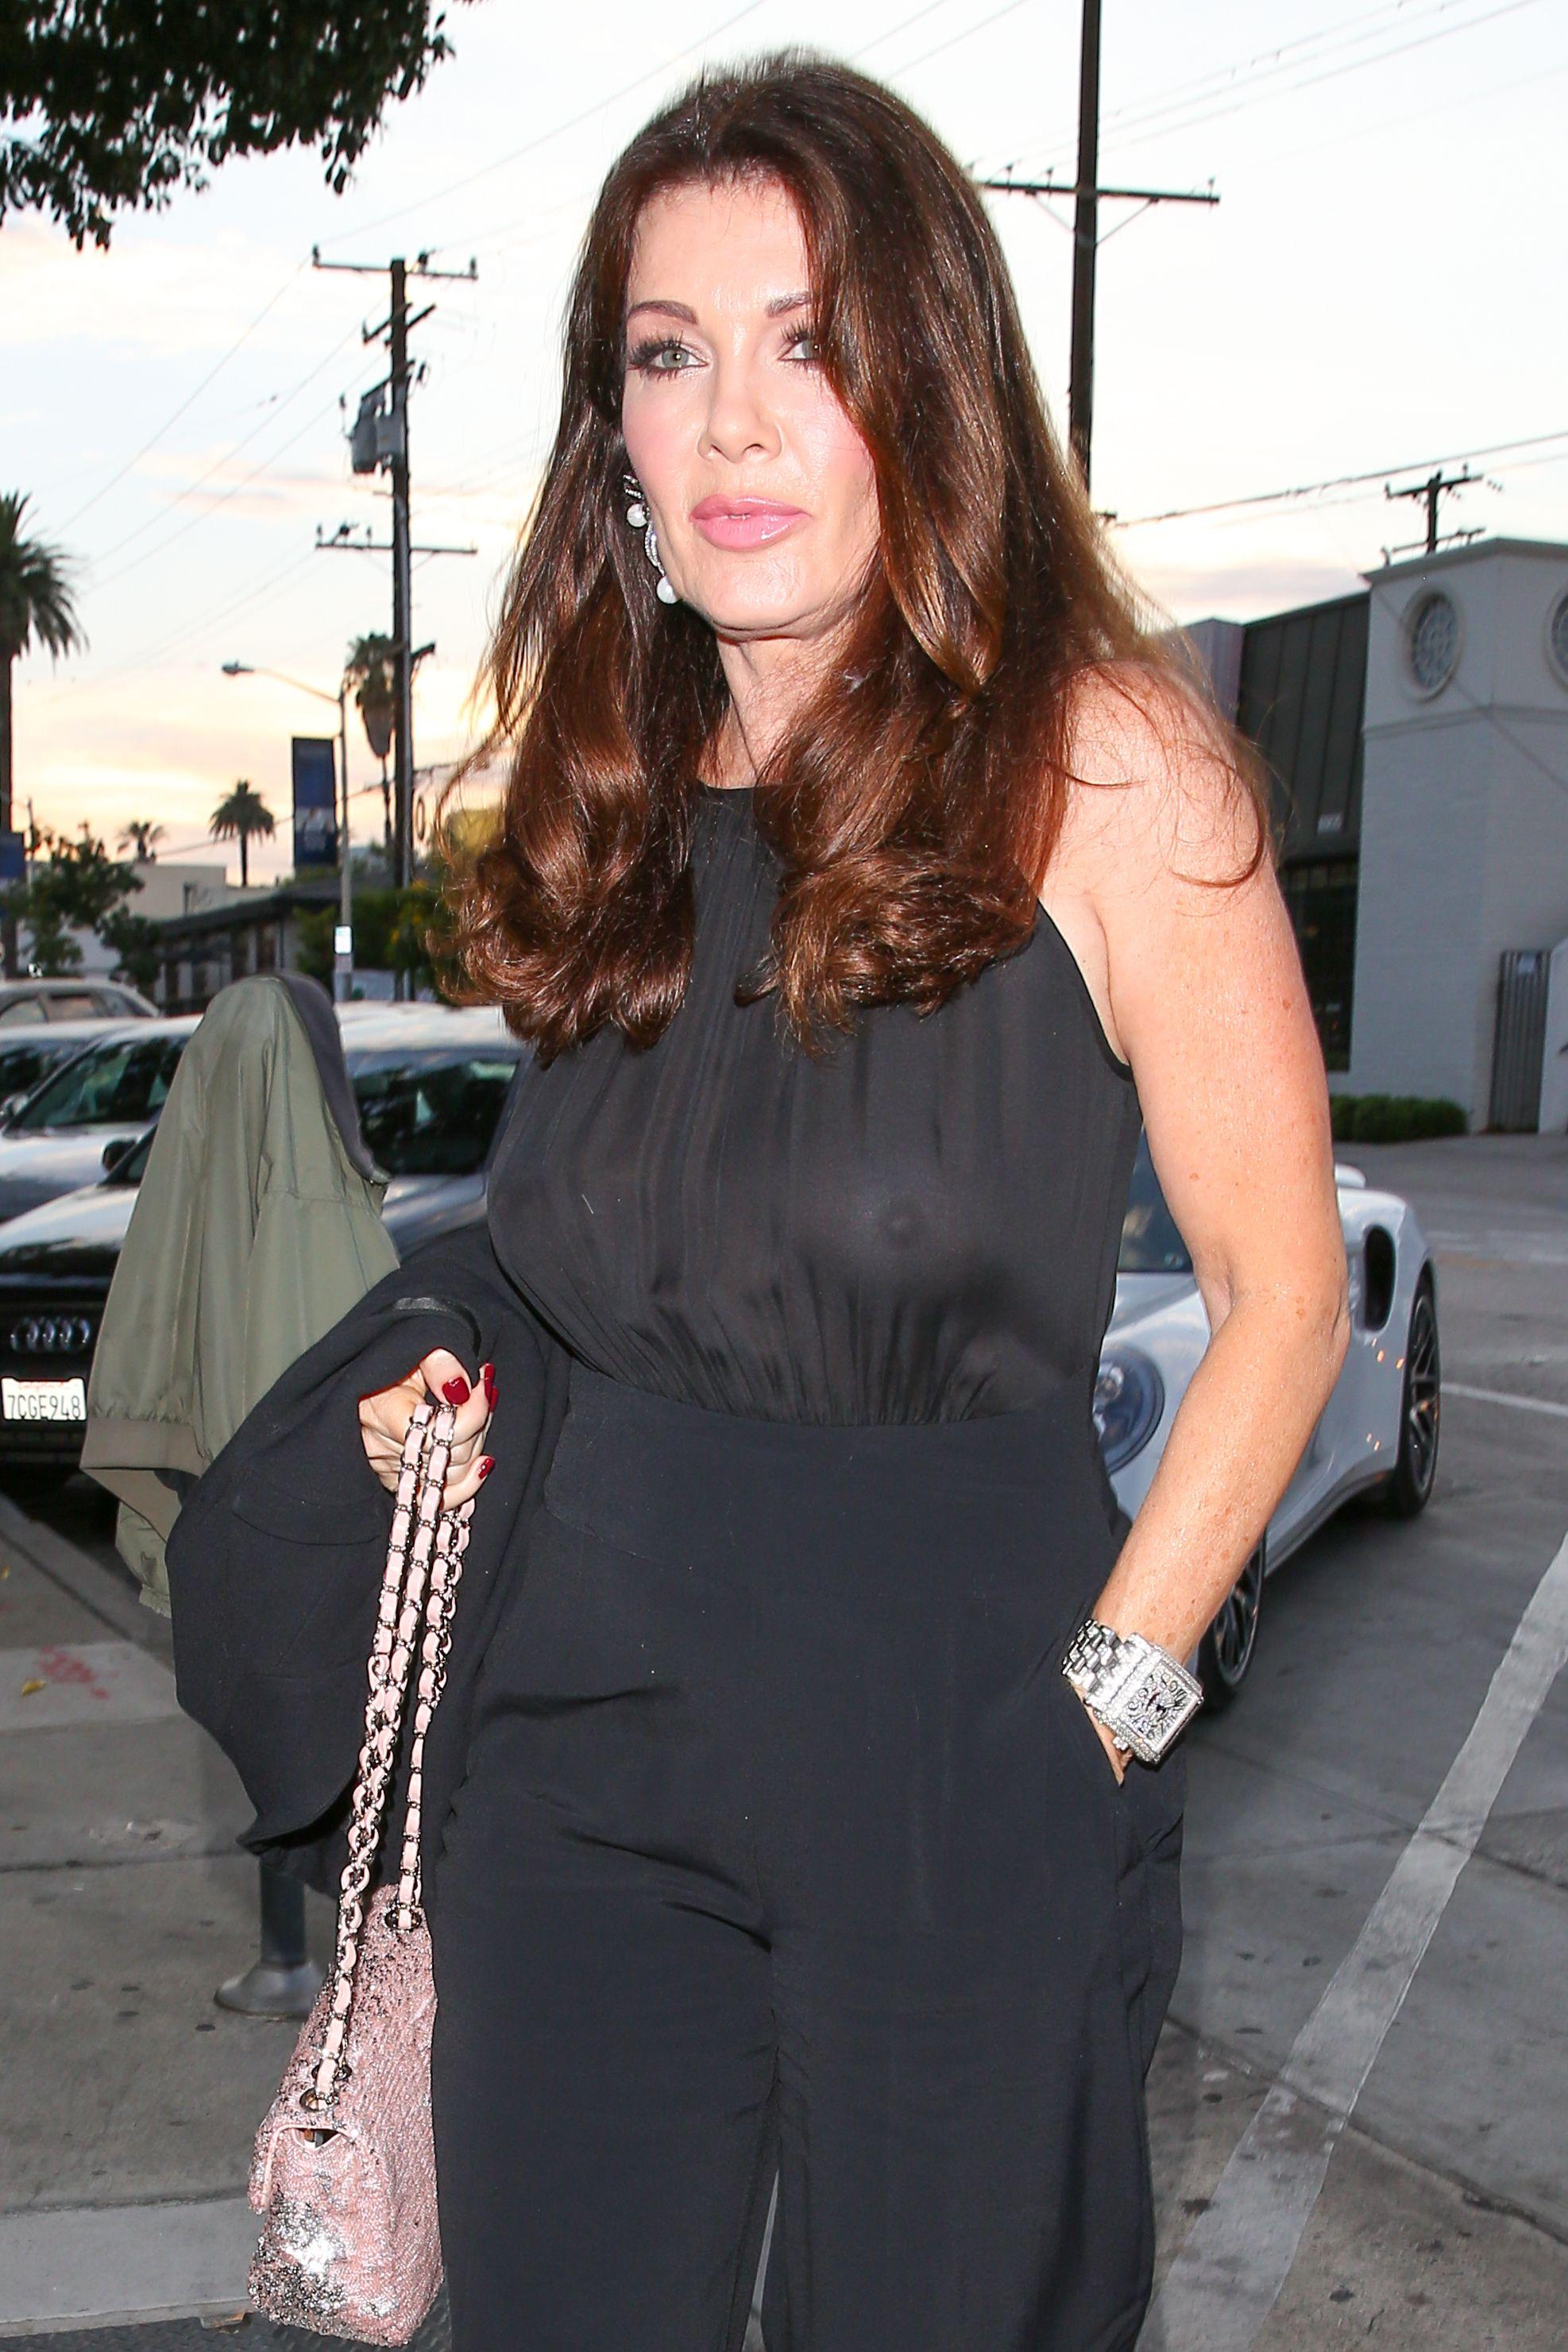 Lisa-Vanderpump-Braless-See-Through-Top-At-Craigs-10  Celebrity-Slipscom-9183